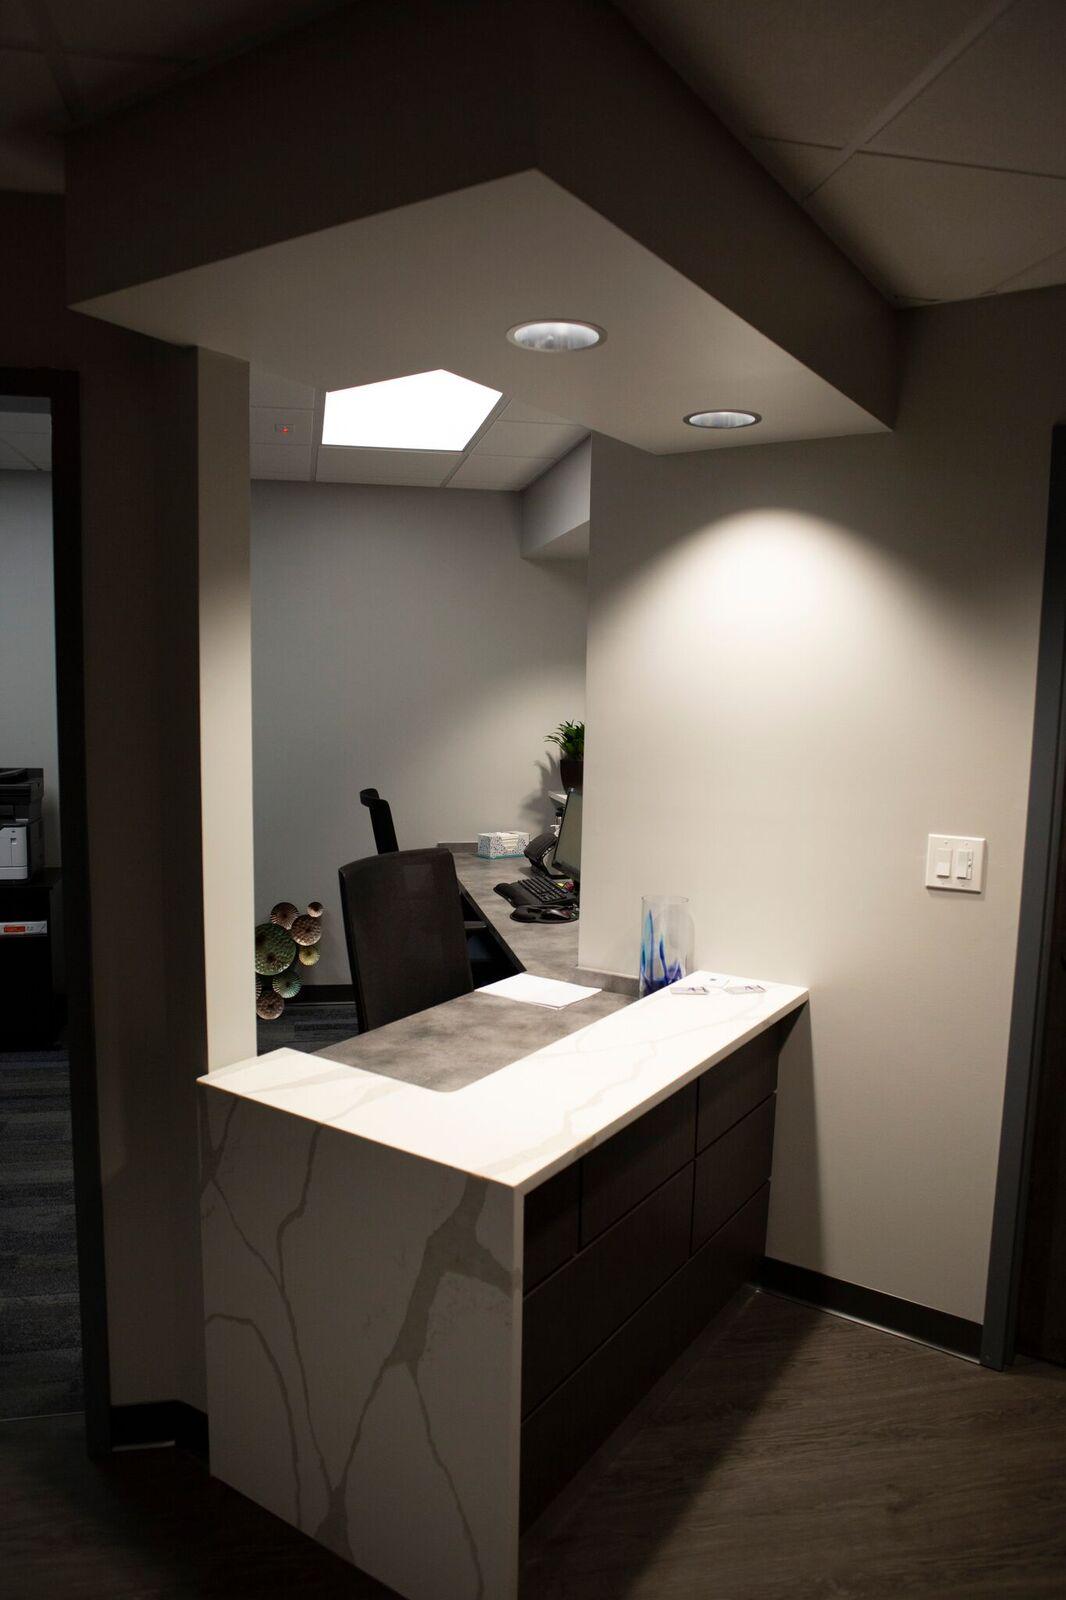 Concierge Medicine of Buckhead receptionist desk 2